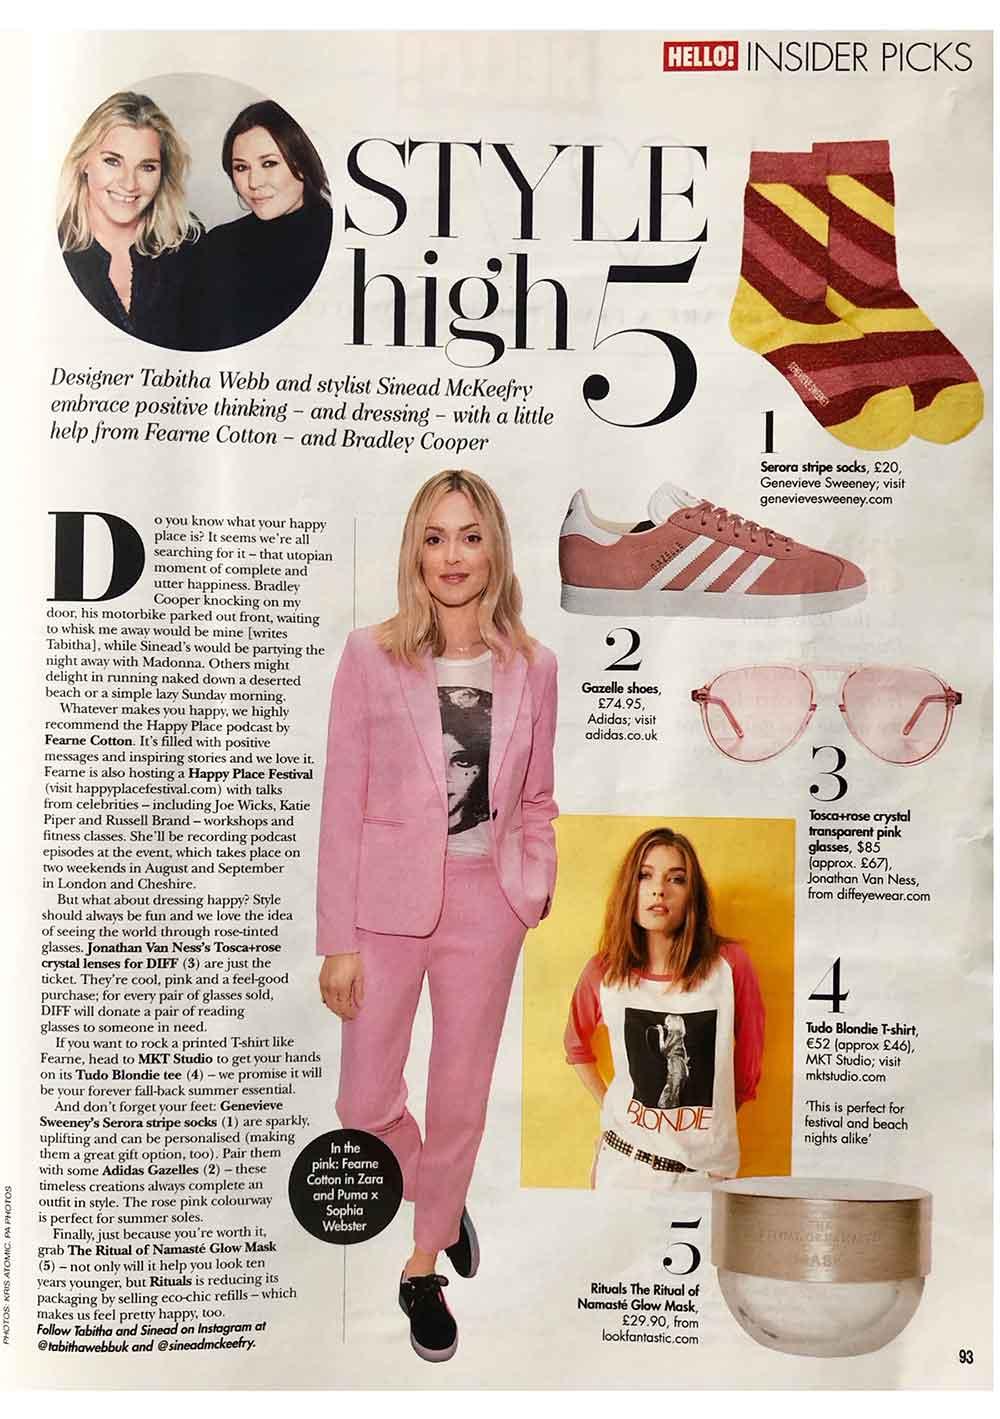 Hello Magazine Fearne Cotton Serora Sparkly Socks